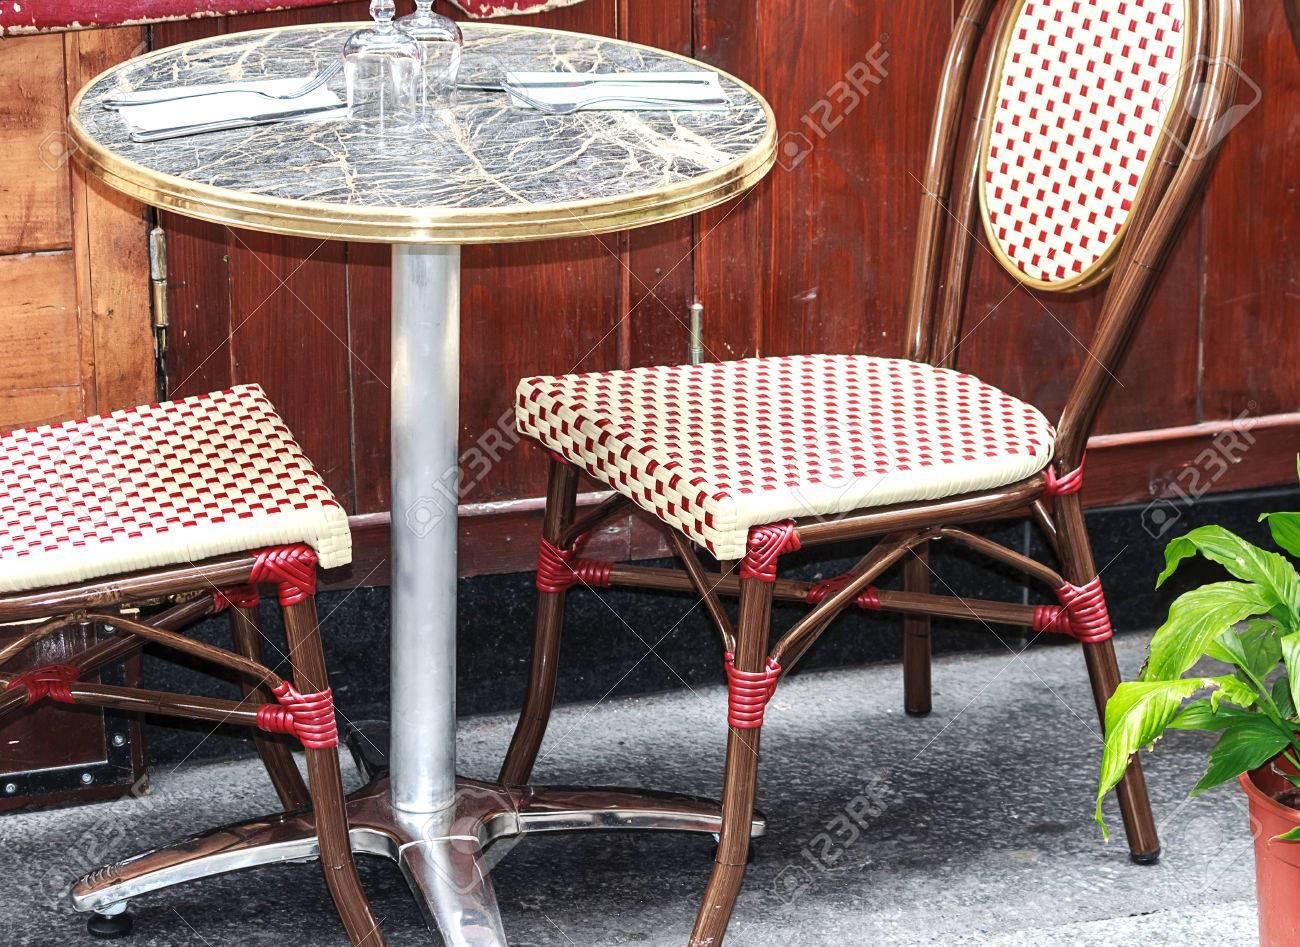 petite table ronde avec deux chaises rouges et blanches dans un cafe exterieur traditionnel a paris france